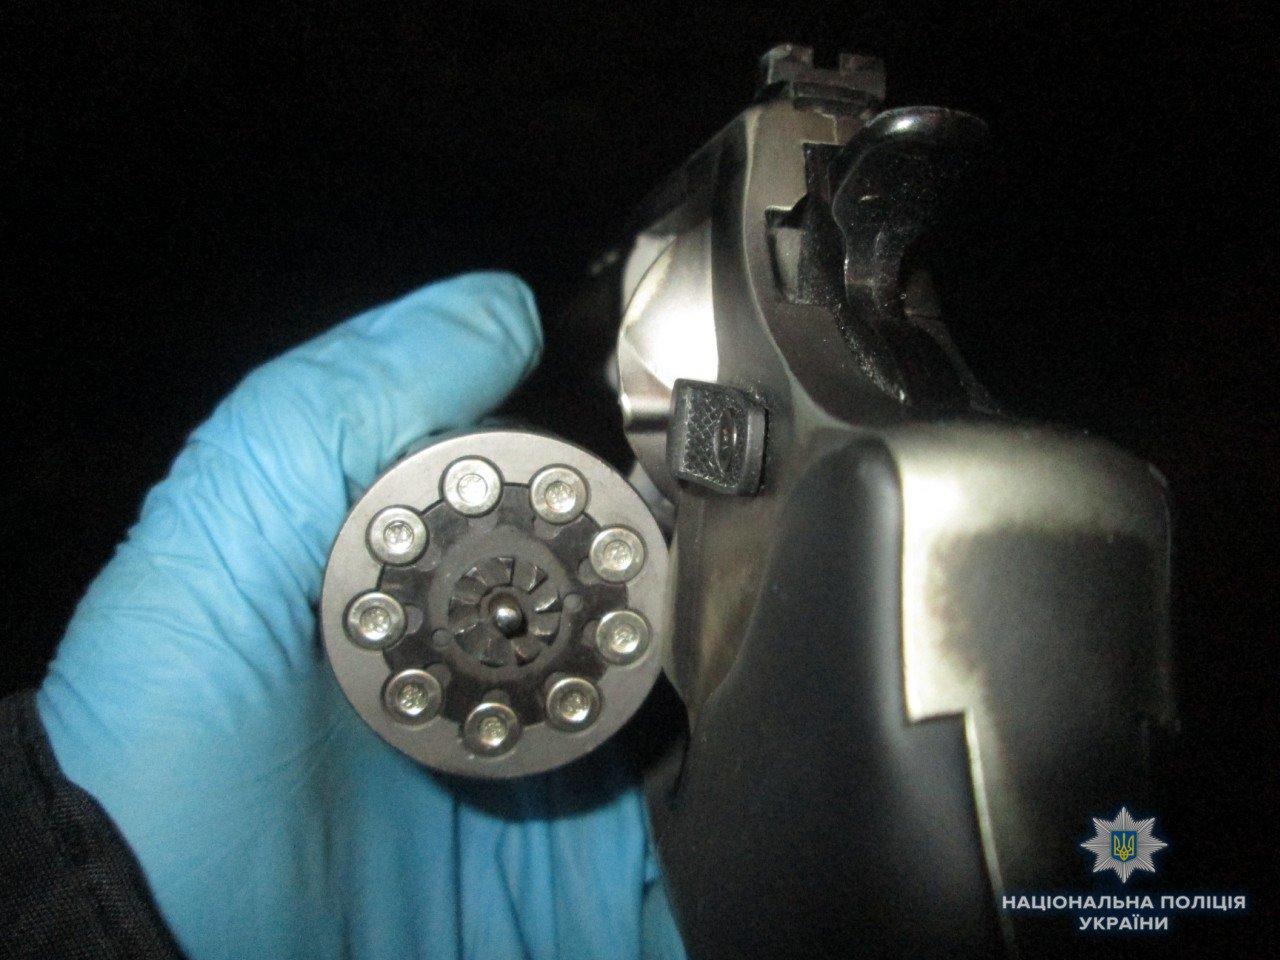 Пістолет і 4 ножі: в Ужгороді поліція зупинила іноземця, озброєного до зубів (ФОТО), фото-1